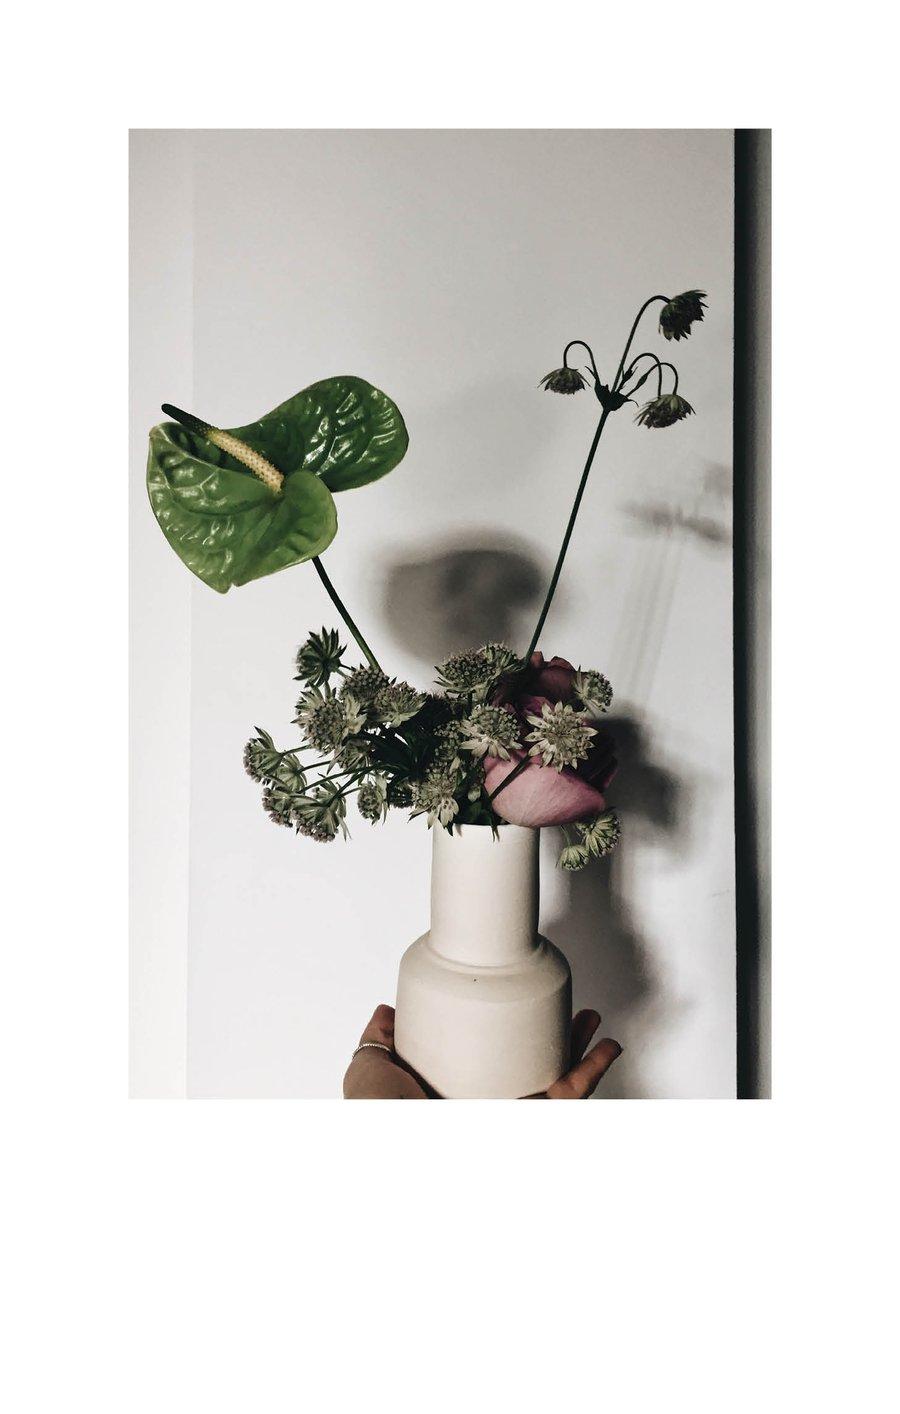 Image of Little vase 03 - white